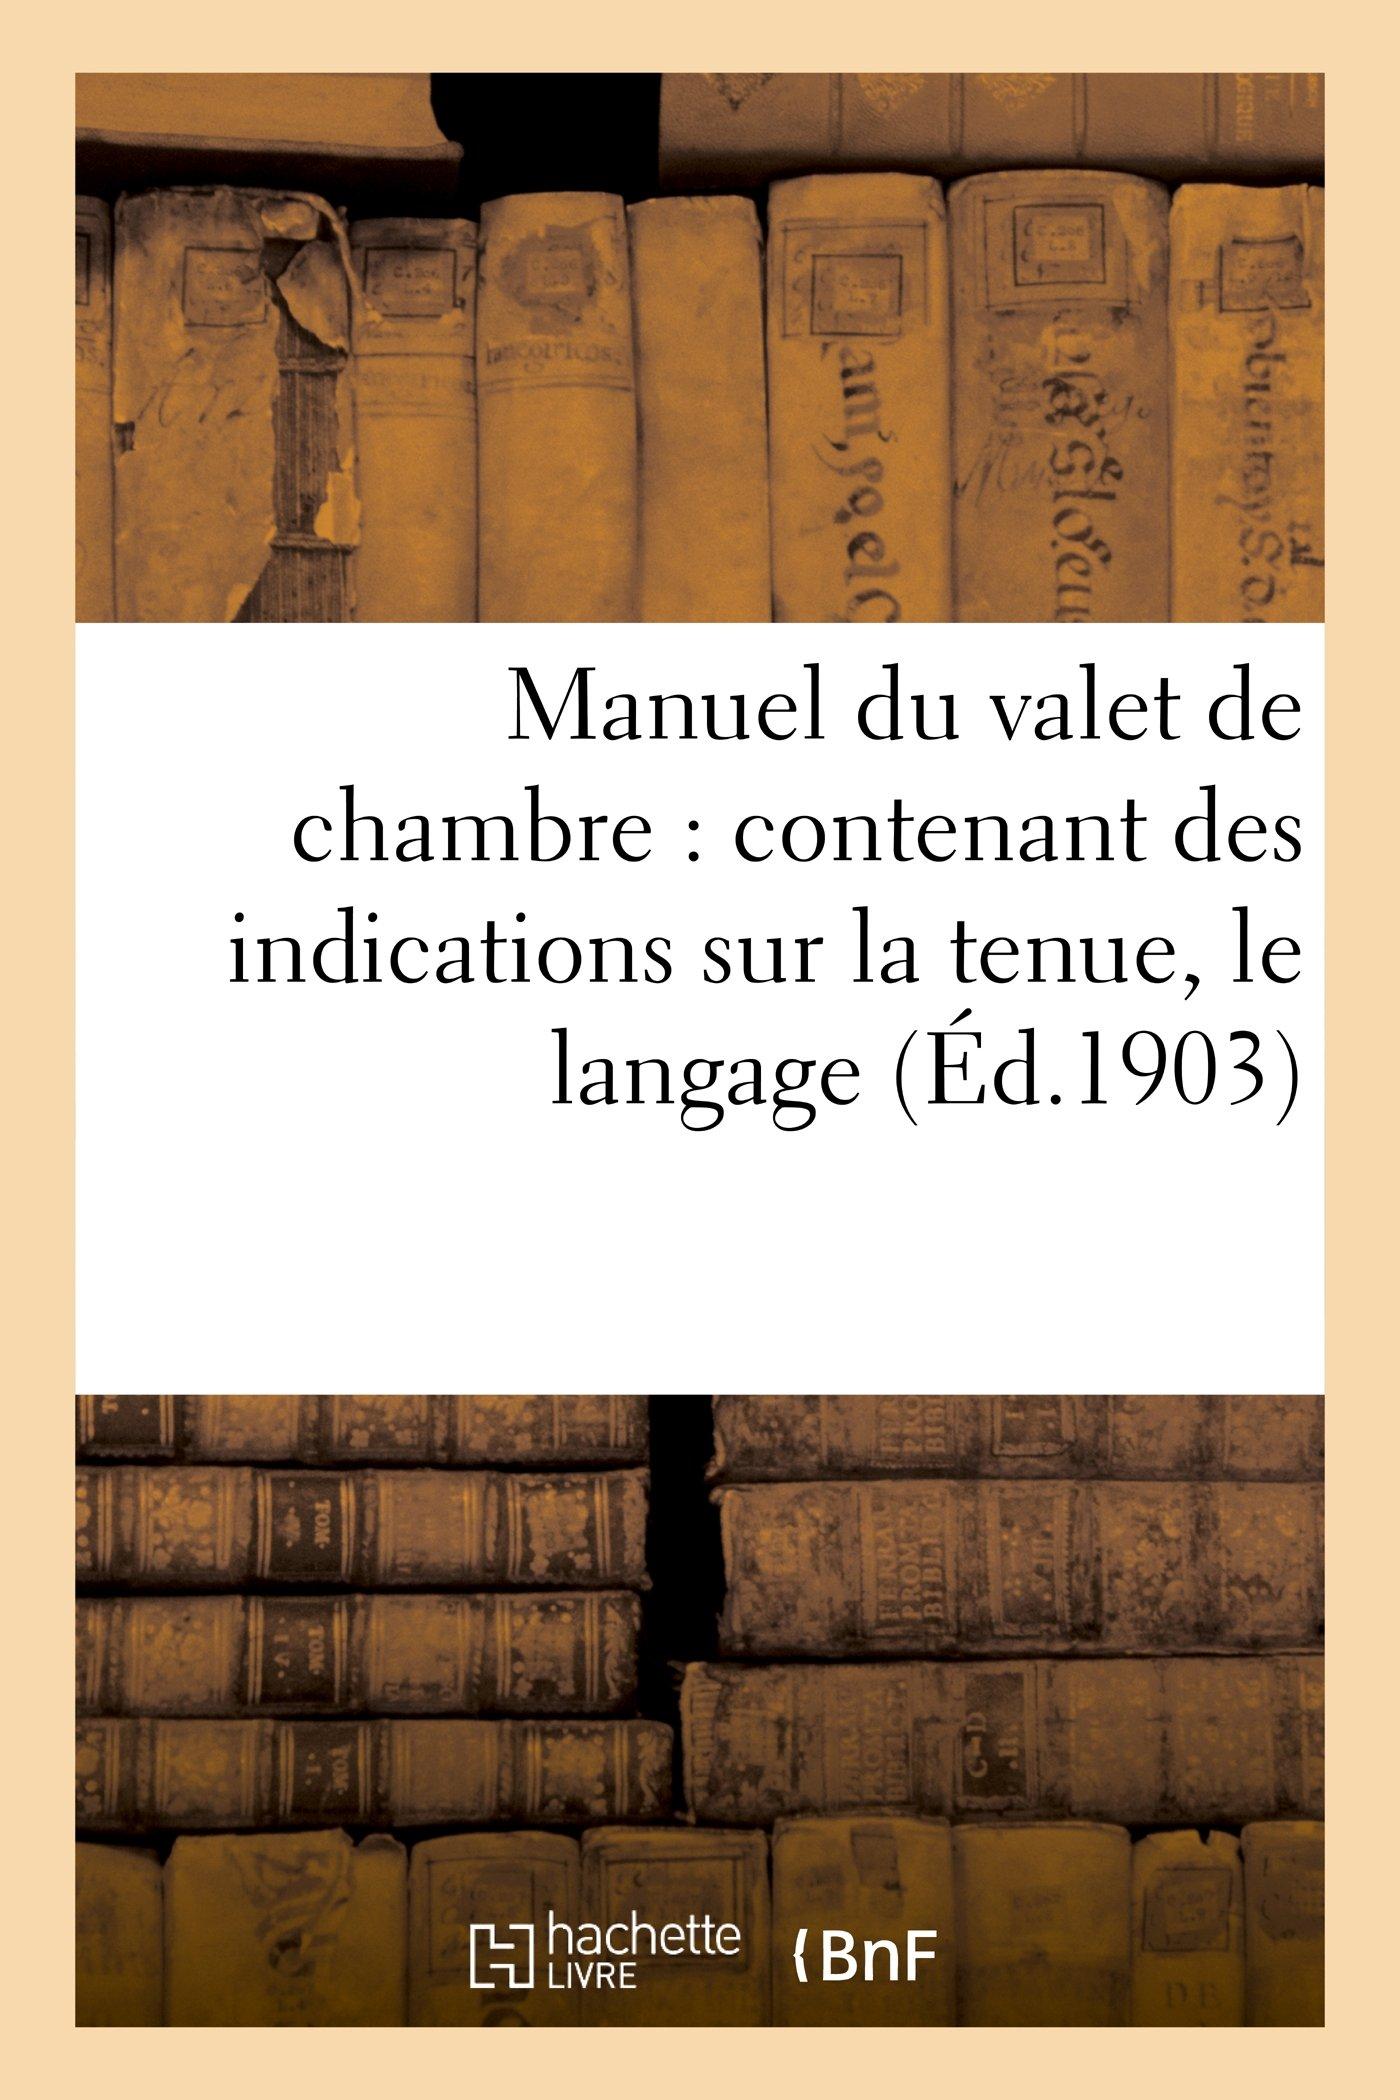 Manuel Du Valet de Chambre: Contenant Des Indications Sur La Tenue, Le Langage (Savoirs Et Traditions) (French Edition) ebook